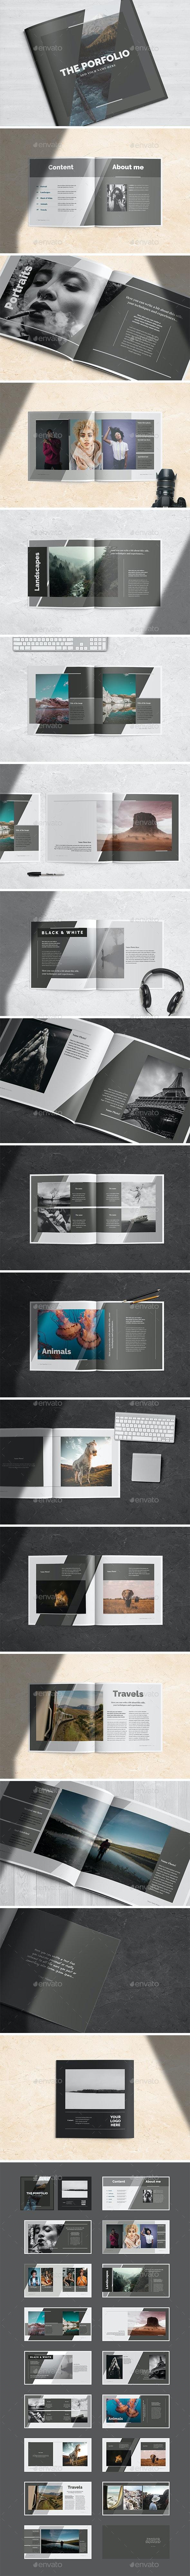 Multipurpose Porfolio Template - Brochures Print Templates